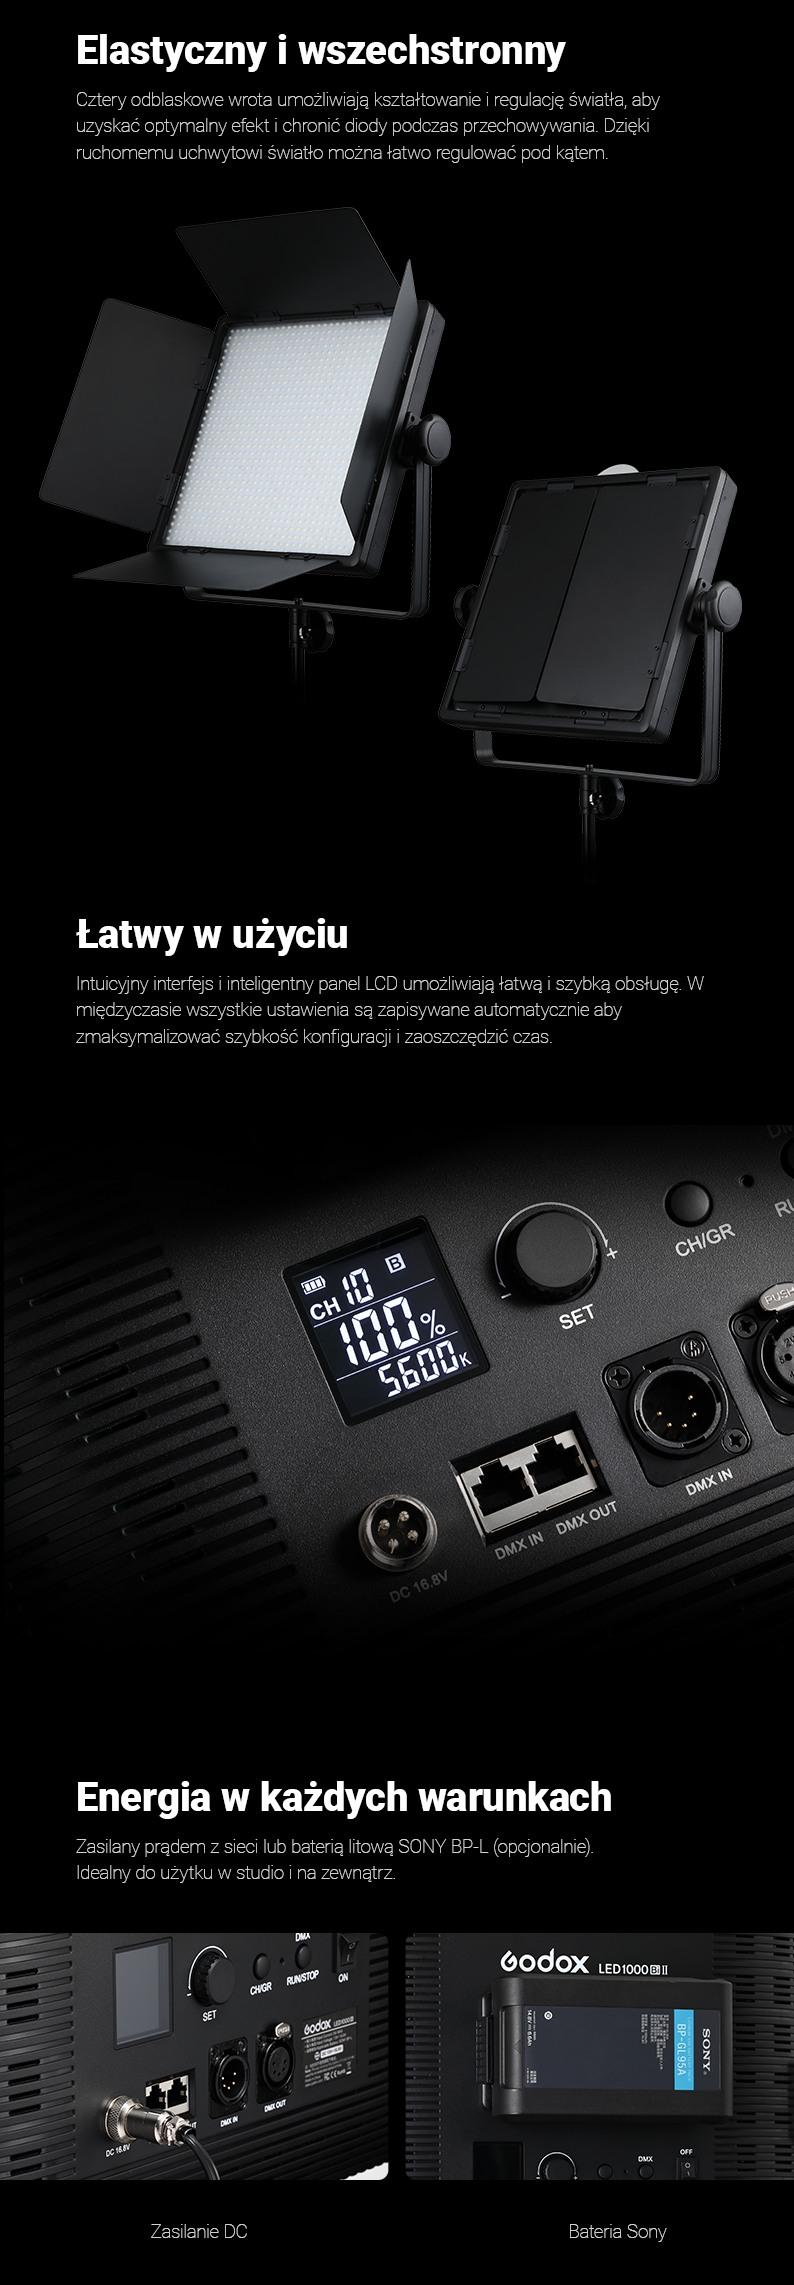 Godox LF308 Elastyczny i wszechstronny. Łatwy w użyciu. Energia w każdych warunkach.